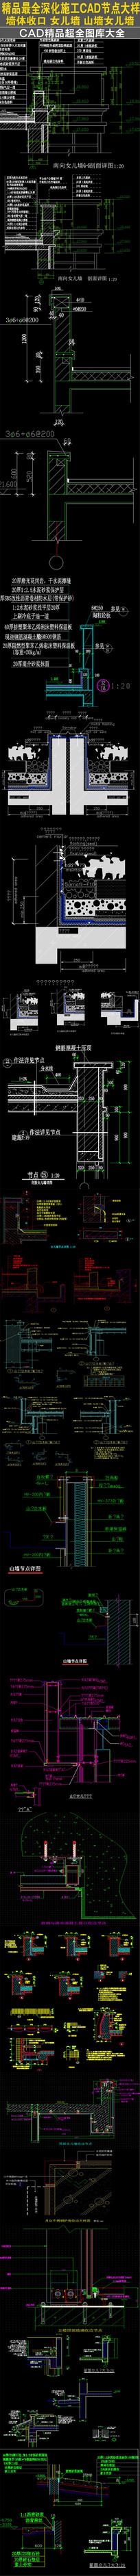 精品深化墙体收口CAD图纸 dwg